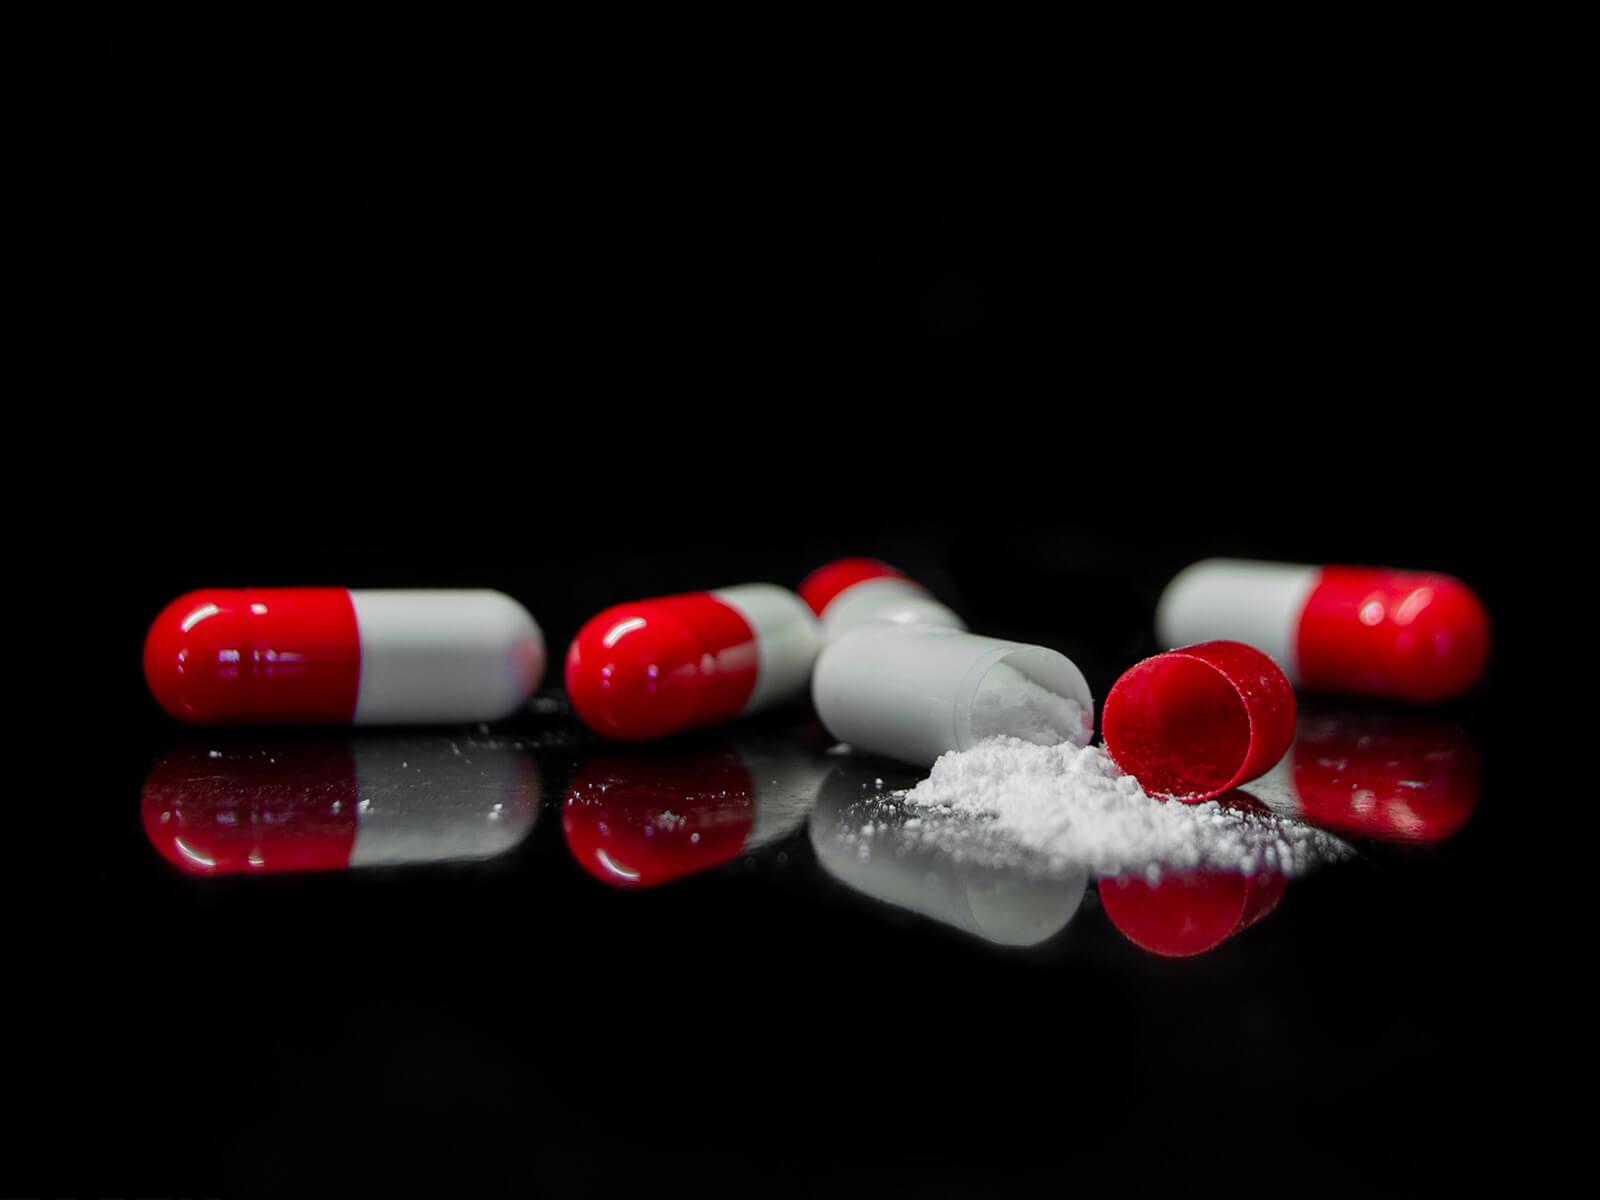 Antibiyotikler || Barkar Veteriner Ecza Deposu - Kanatlı Veteriner Sağlık Hizmetleri